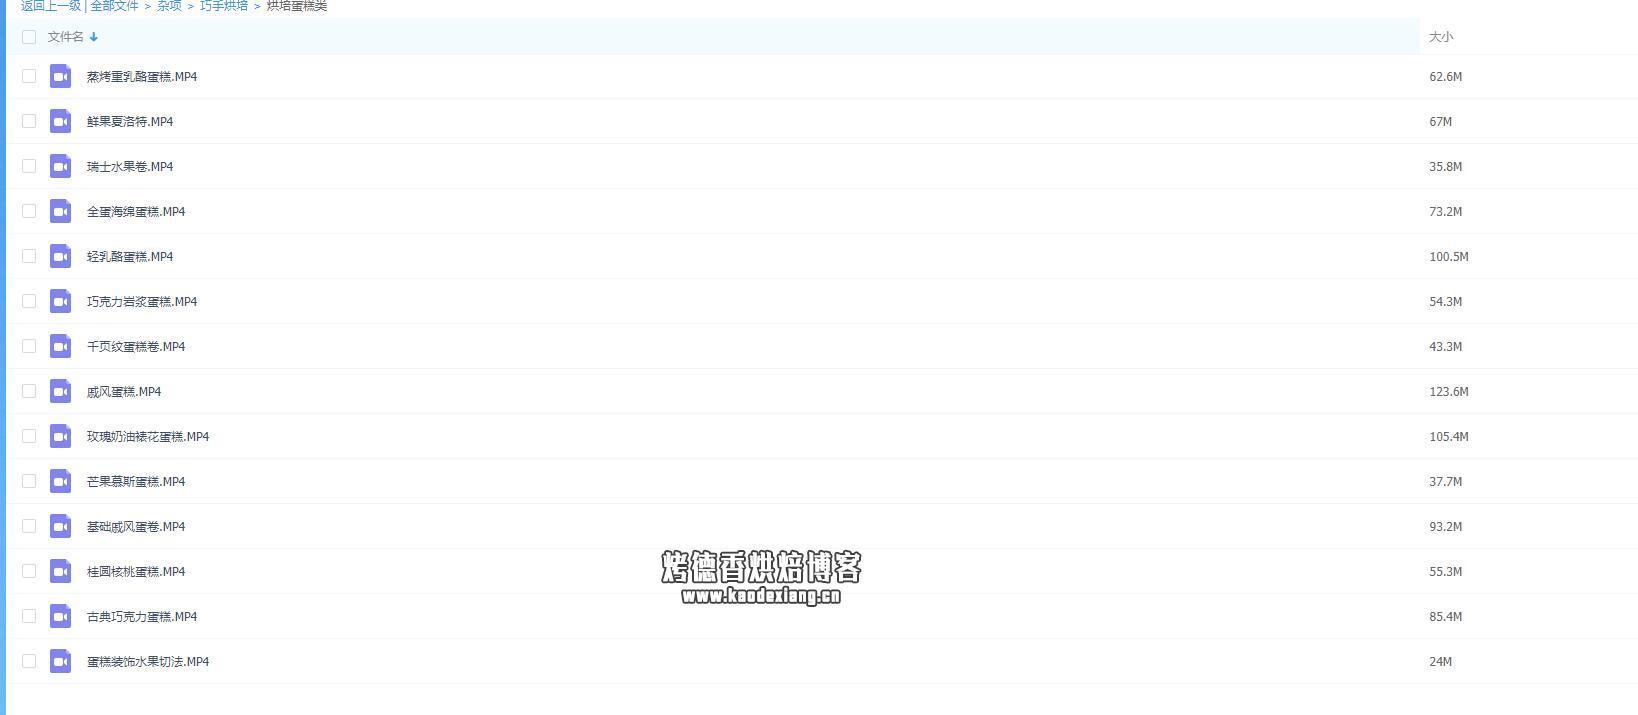 持续更新——烘焙食谱教程下载地址(2019年3月23日14:15:38更新)